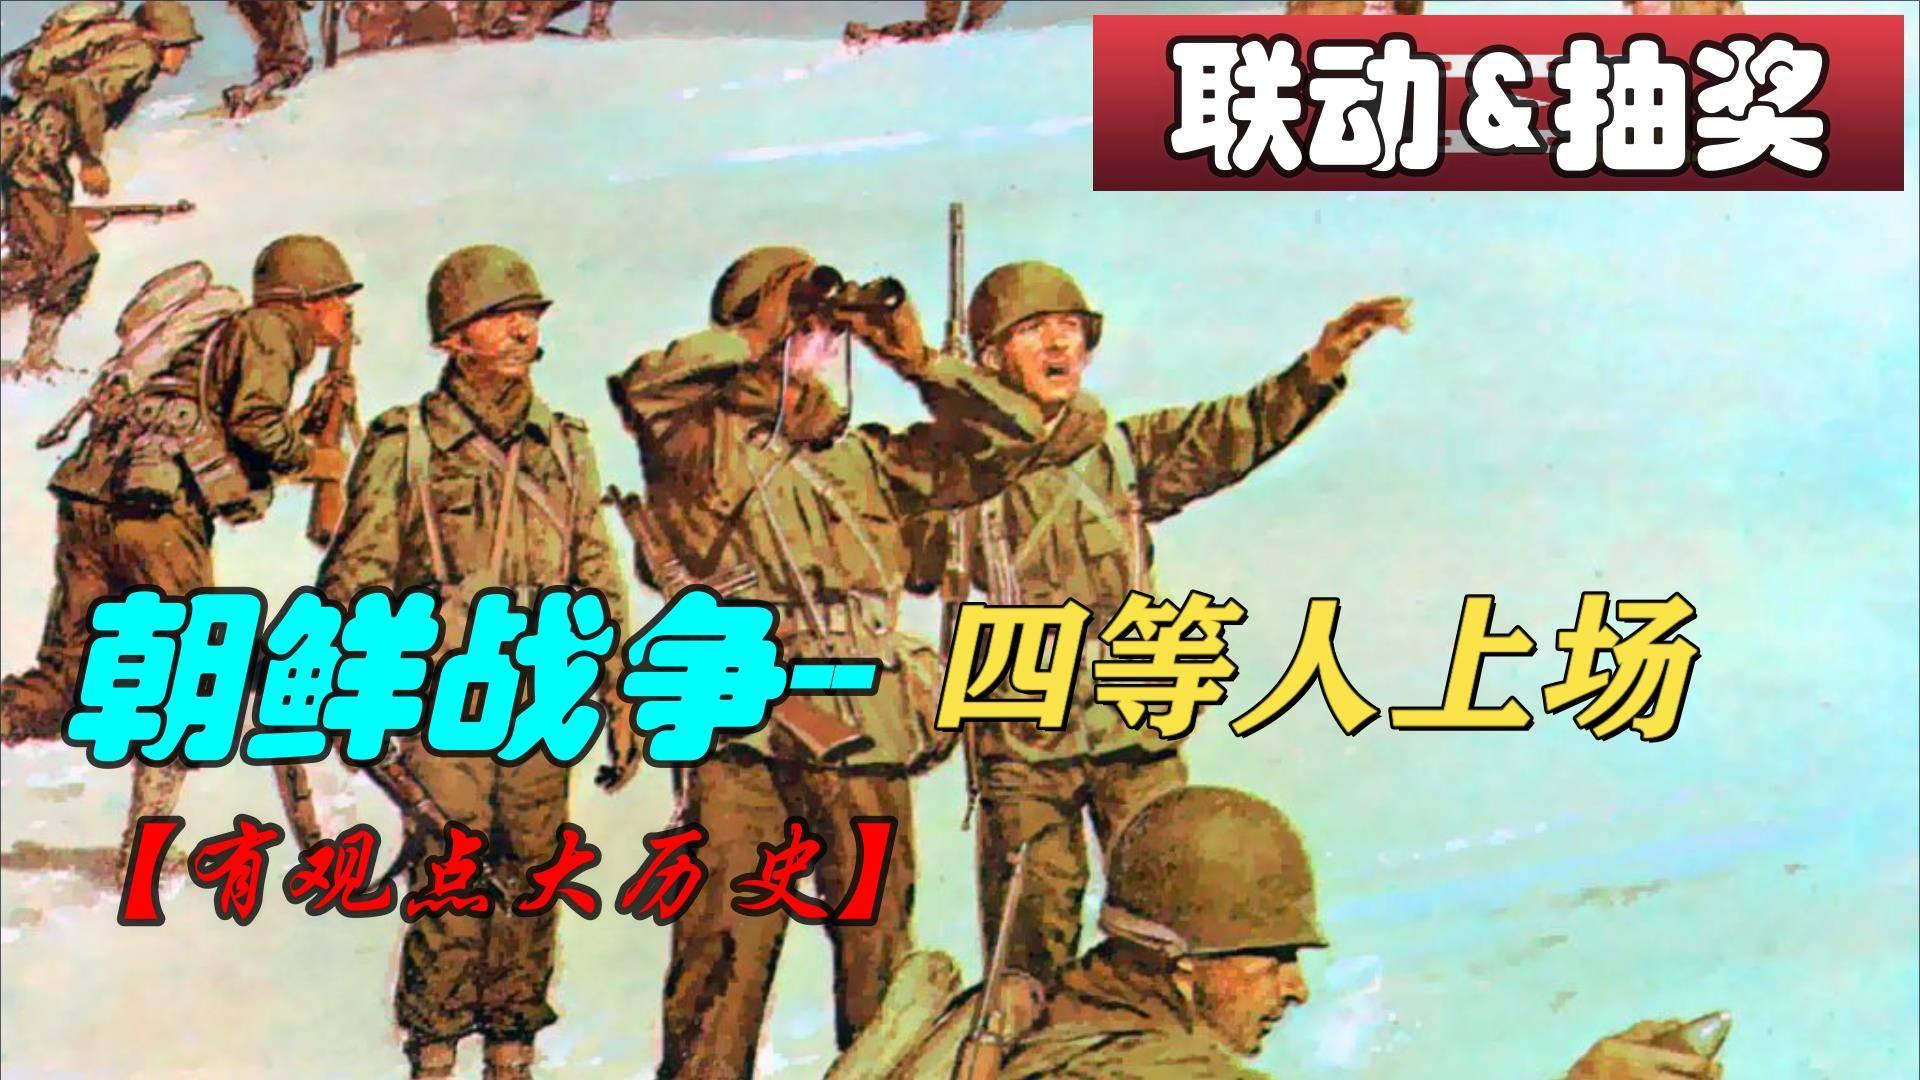 #联动&抽奖# 朝鲜战争--四等人上场!